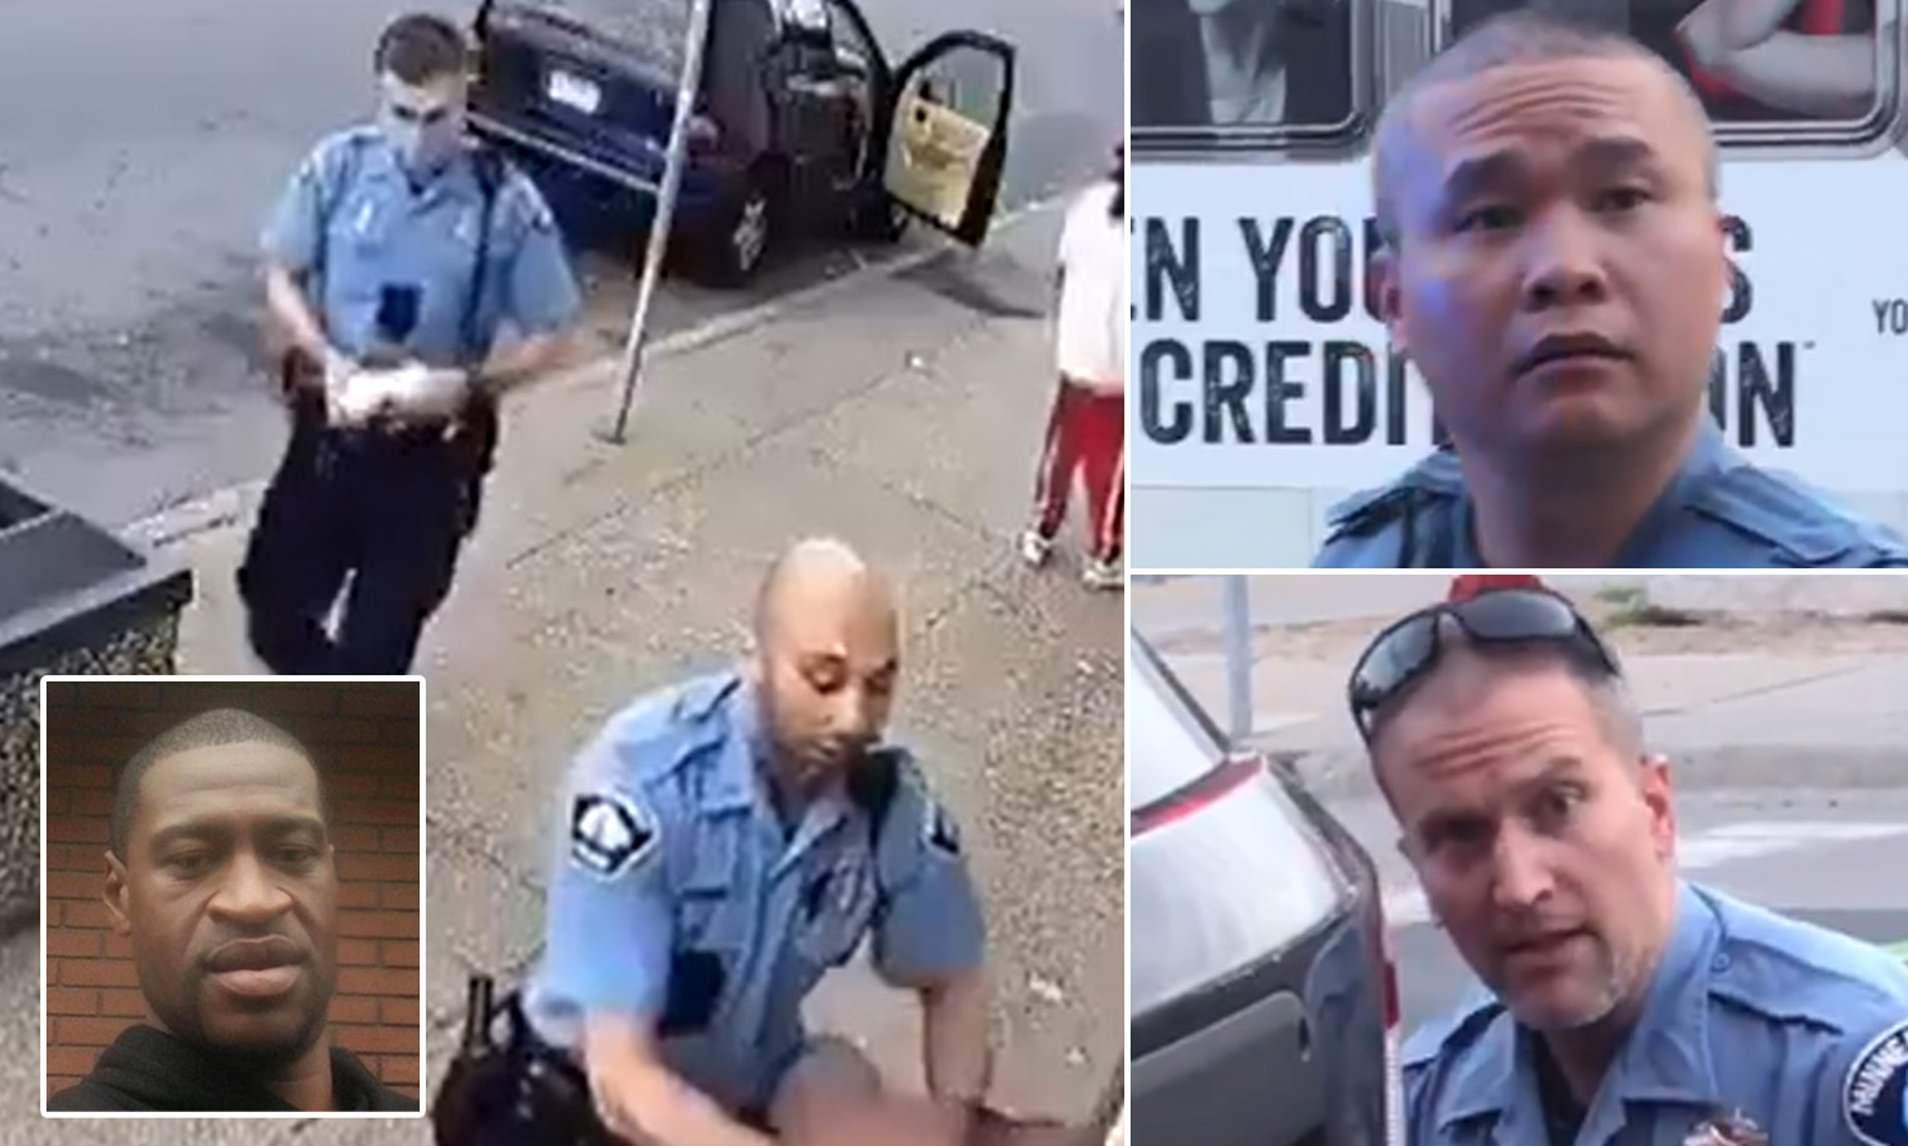 Thêm 3 cựu cảnh sát Minneapolis bị truy tố về các cái chết của George Floyd